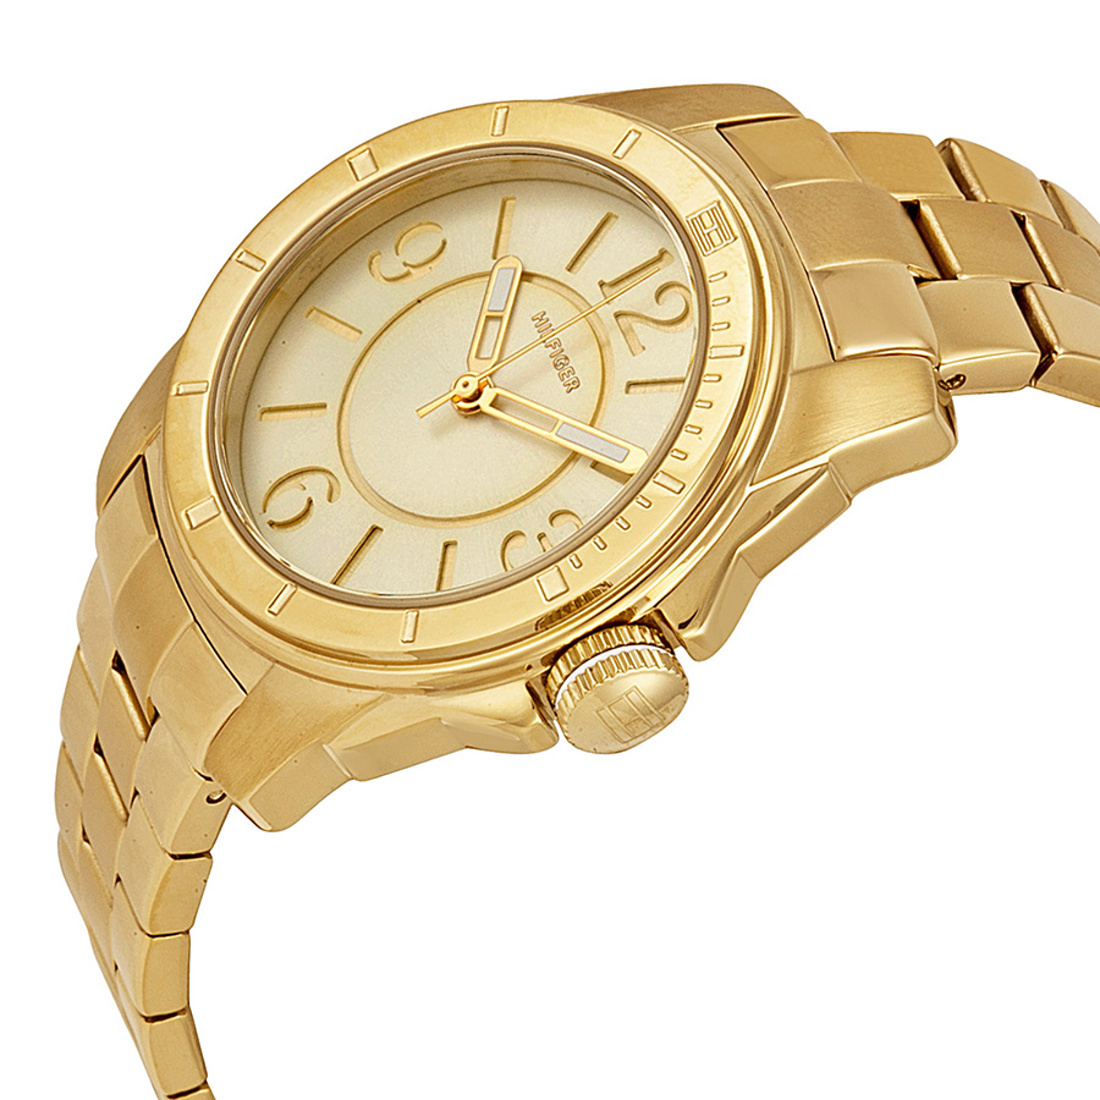 Tommy Hilfiger dámské zlaté hodinky - Mode.cz d49f45caec7